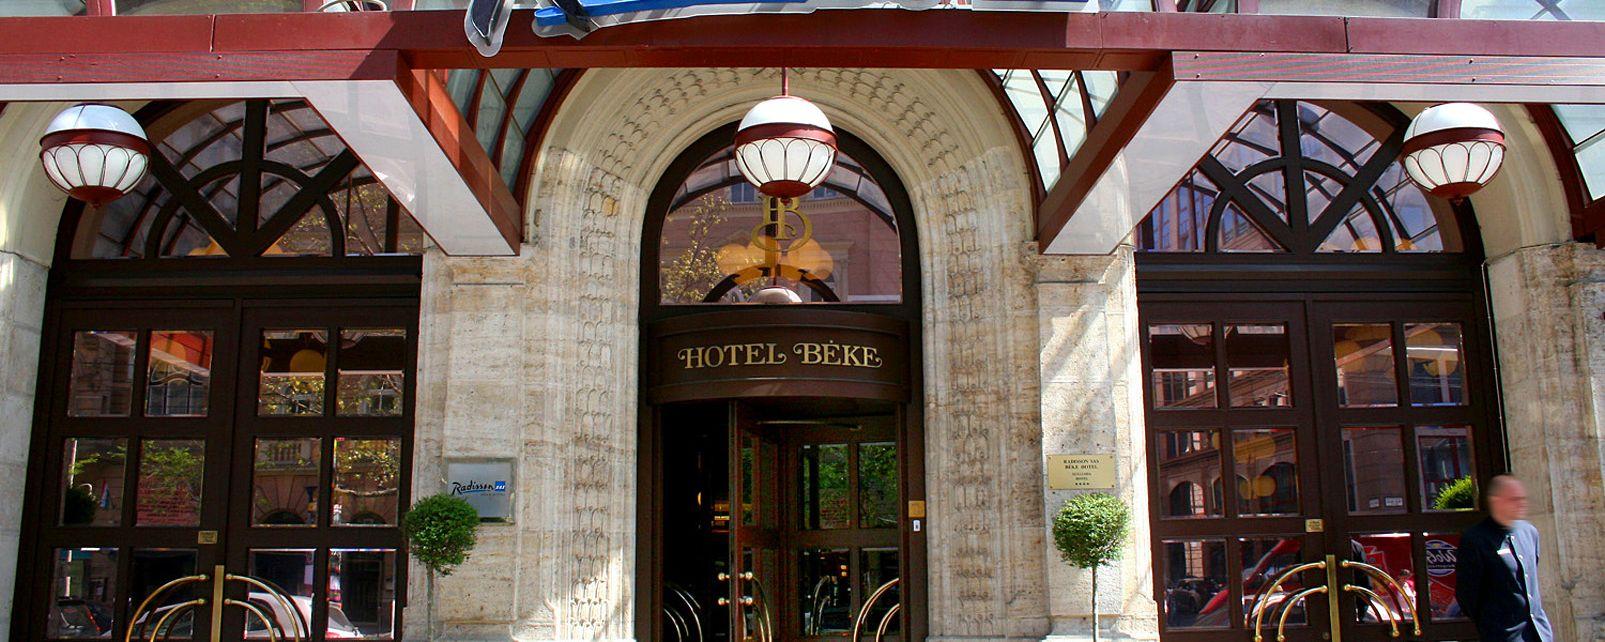 Hotel Radisson Sas Beke